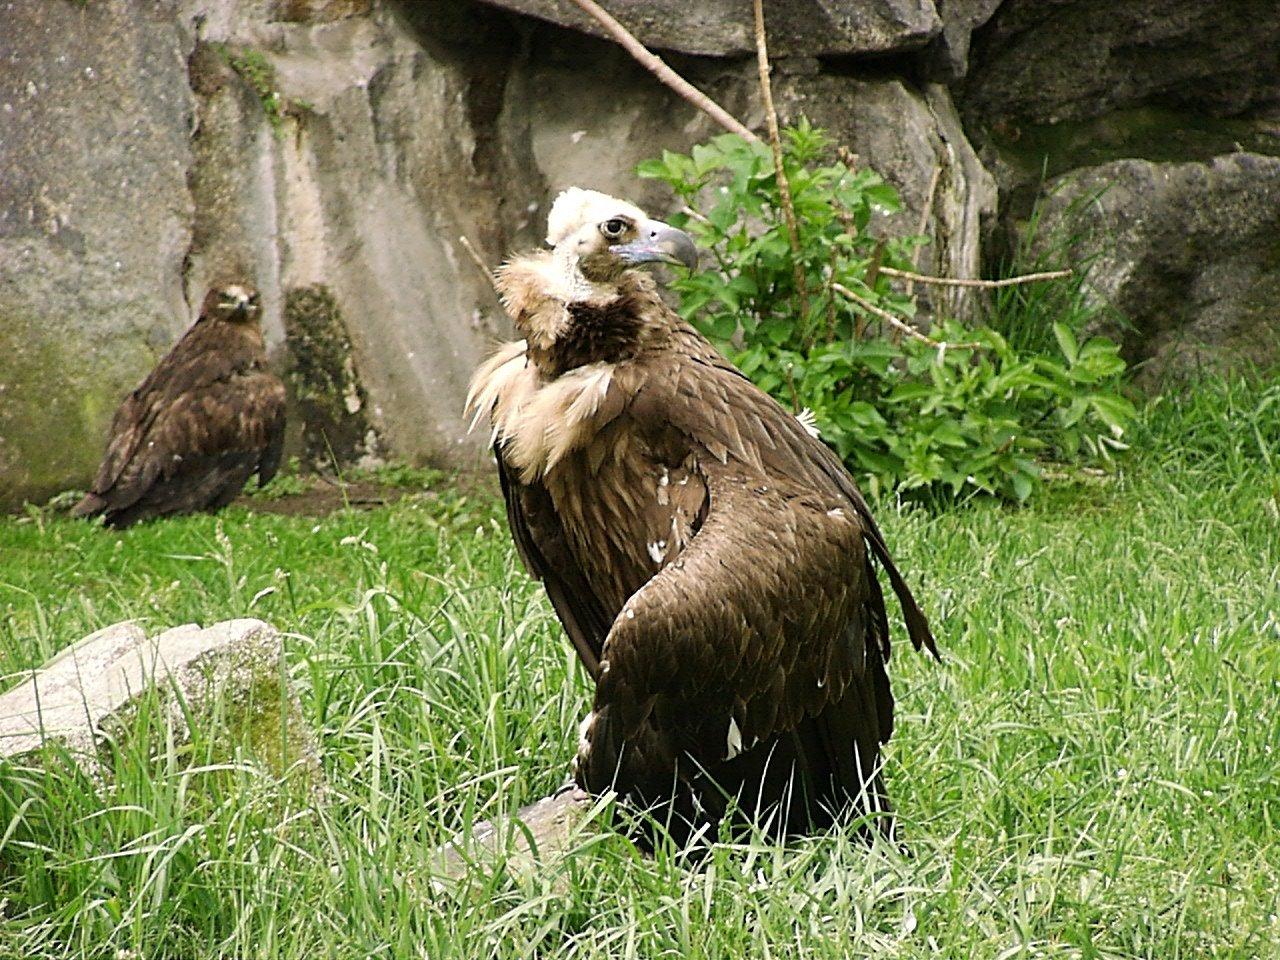 https://upload.wikimedia.org/wikipedia/commons/d/d5/Eurasian_black_vulture_in_zoo_tierpark_friedrichsfelde_berlin_germany.jpg